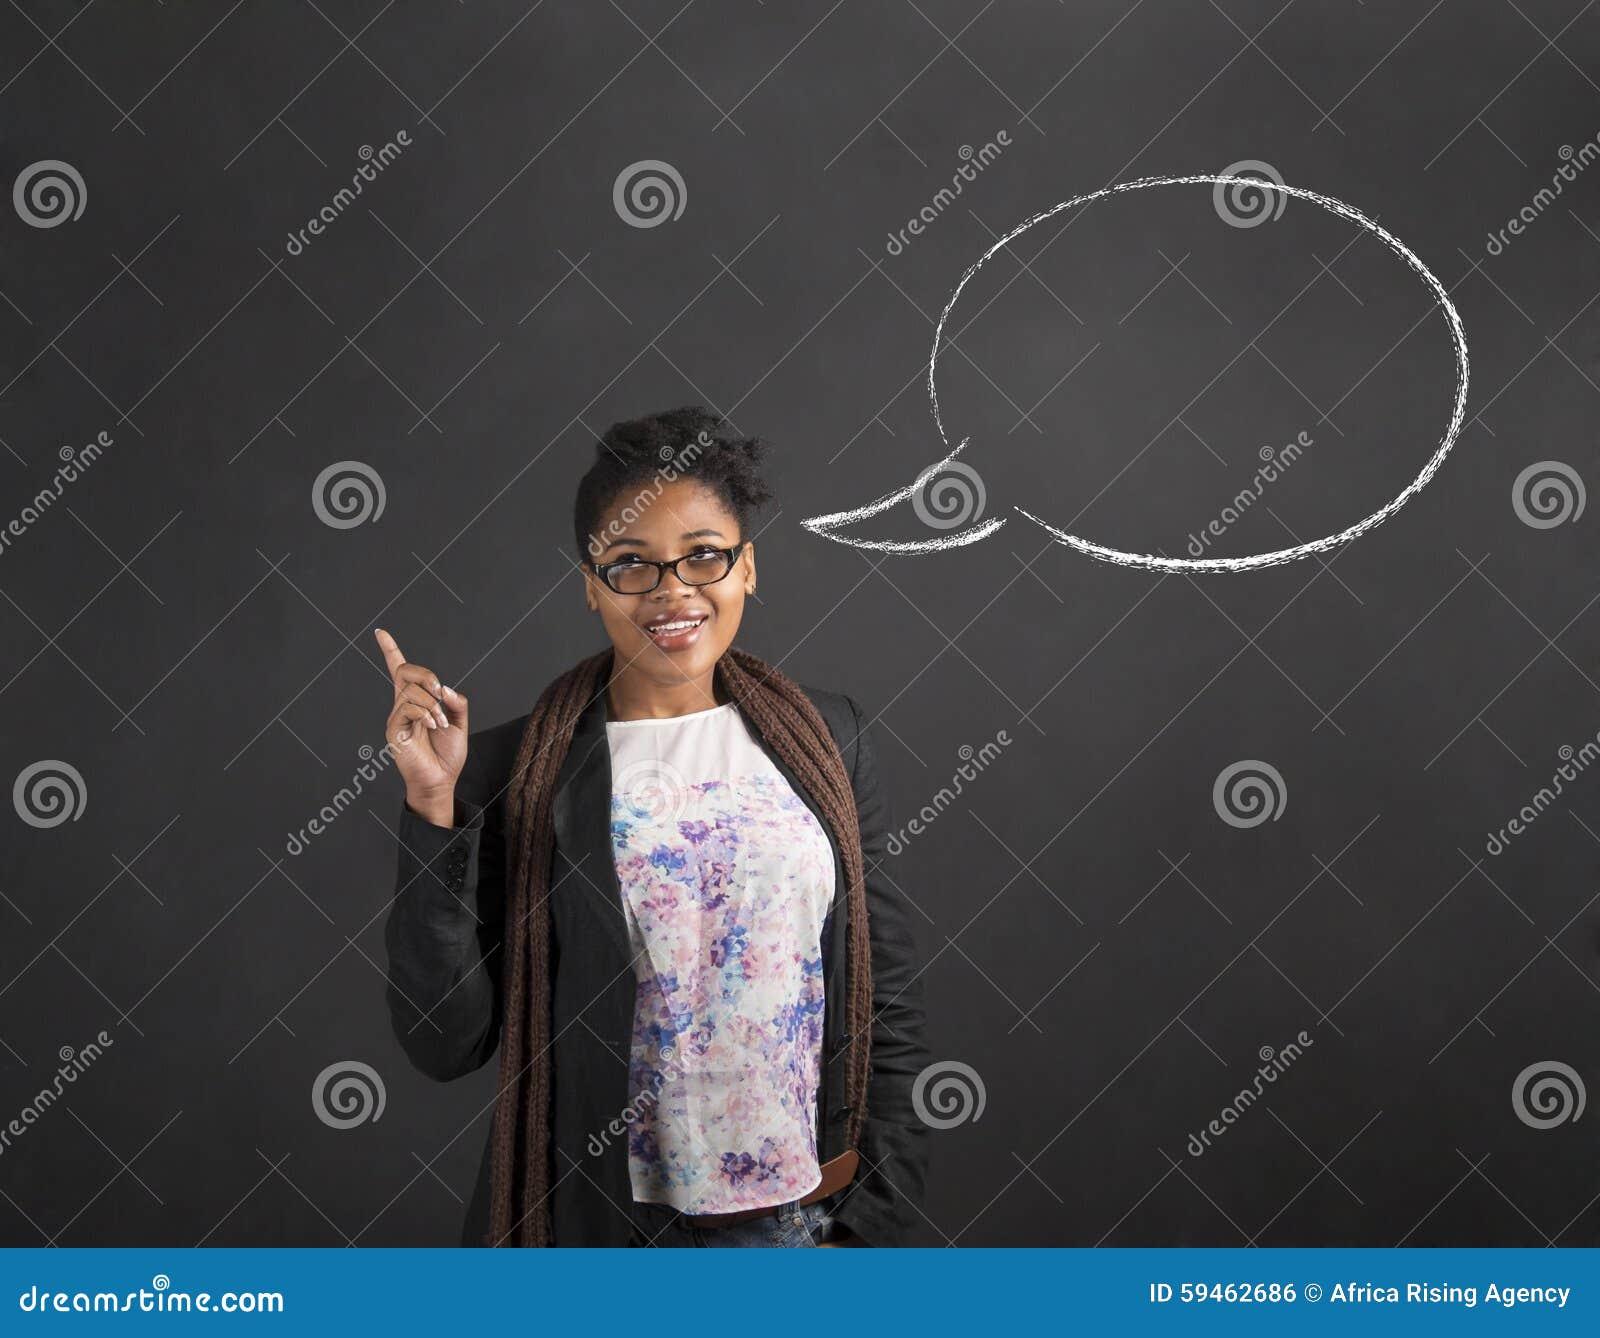 Idén och anförande för afrikansk kvinna bubblar den bra på svart tavlabakgrund